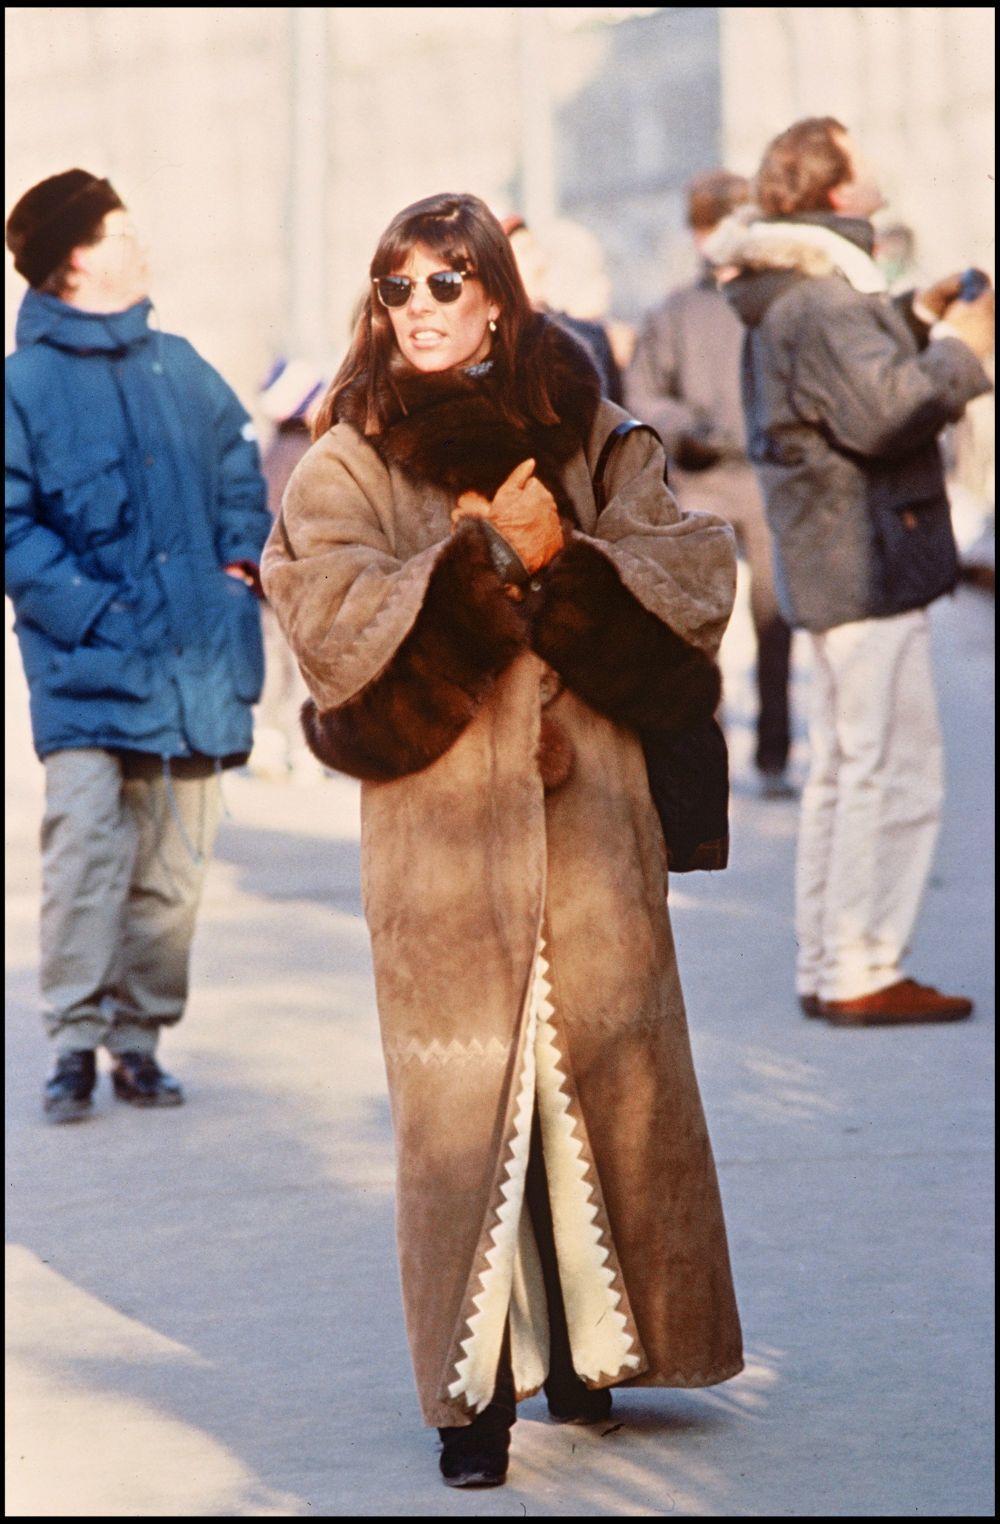 Carolina de Mónaco con abrigo extralargo en una imagen de los años 80